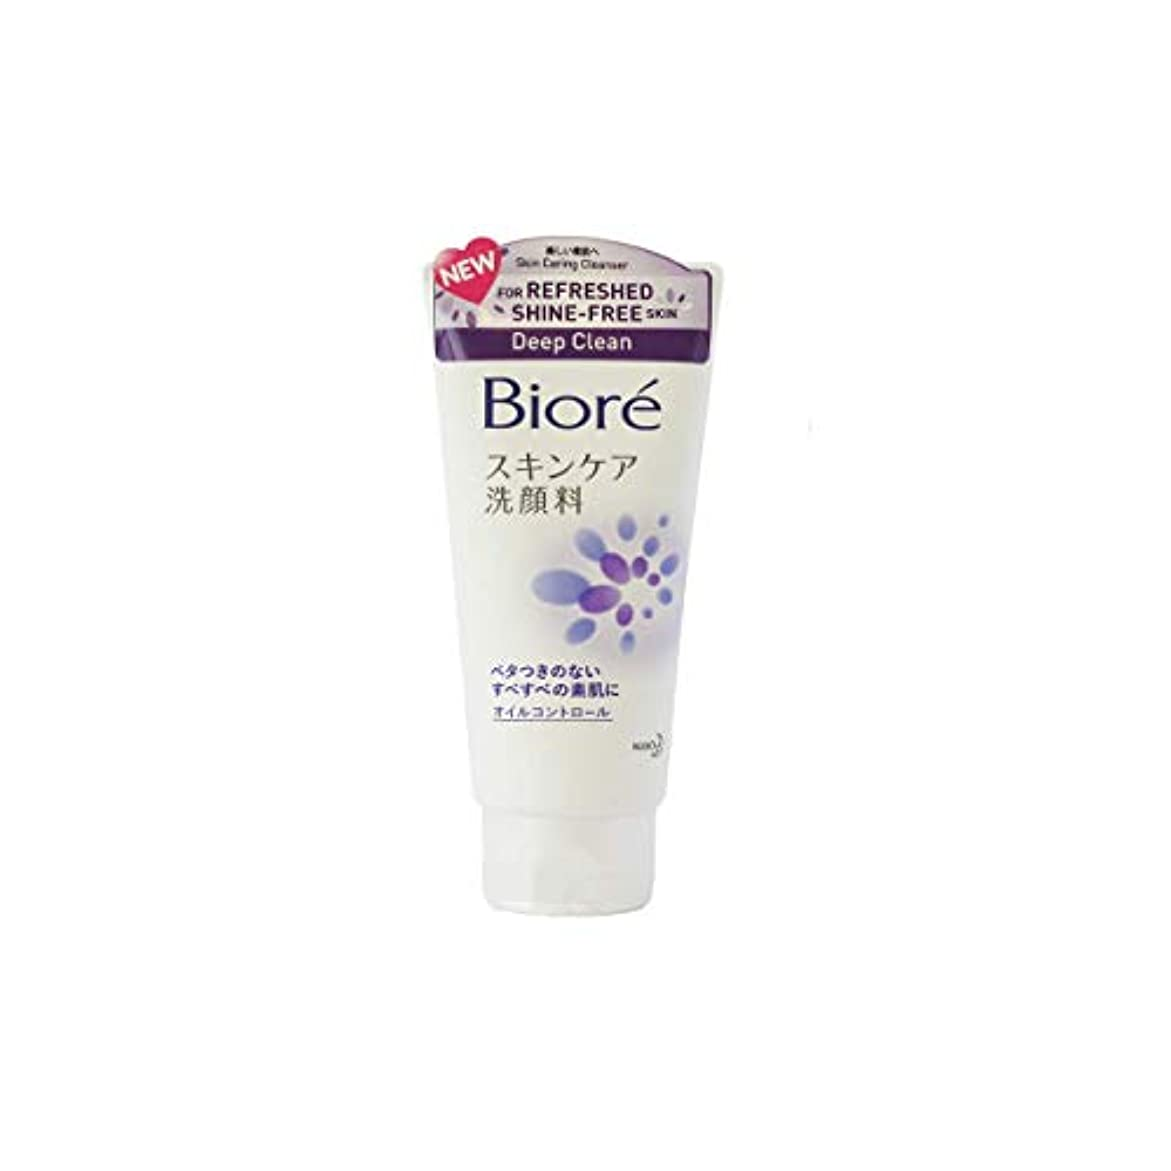 大脳後方ナビゲーションBIORE UV ビオレ皮膚洗浄剤オイルコントロール親密な130グラム